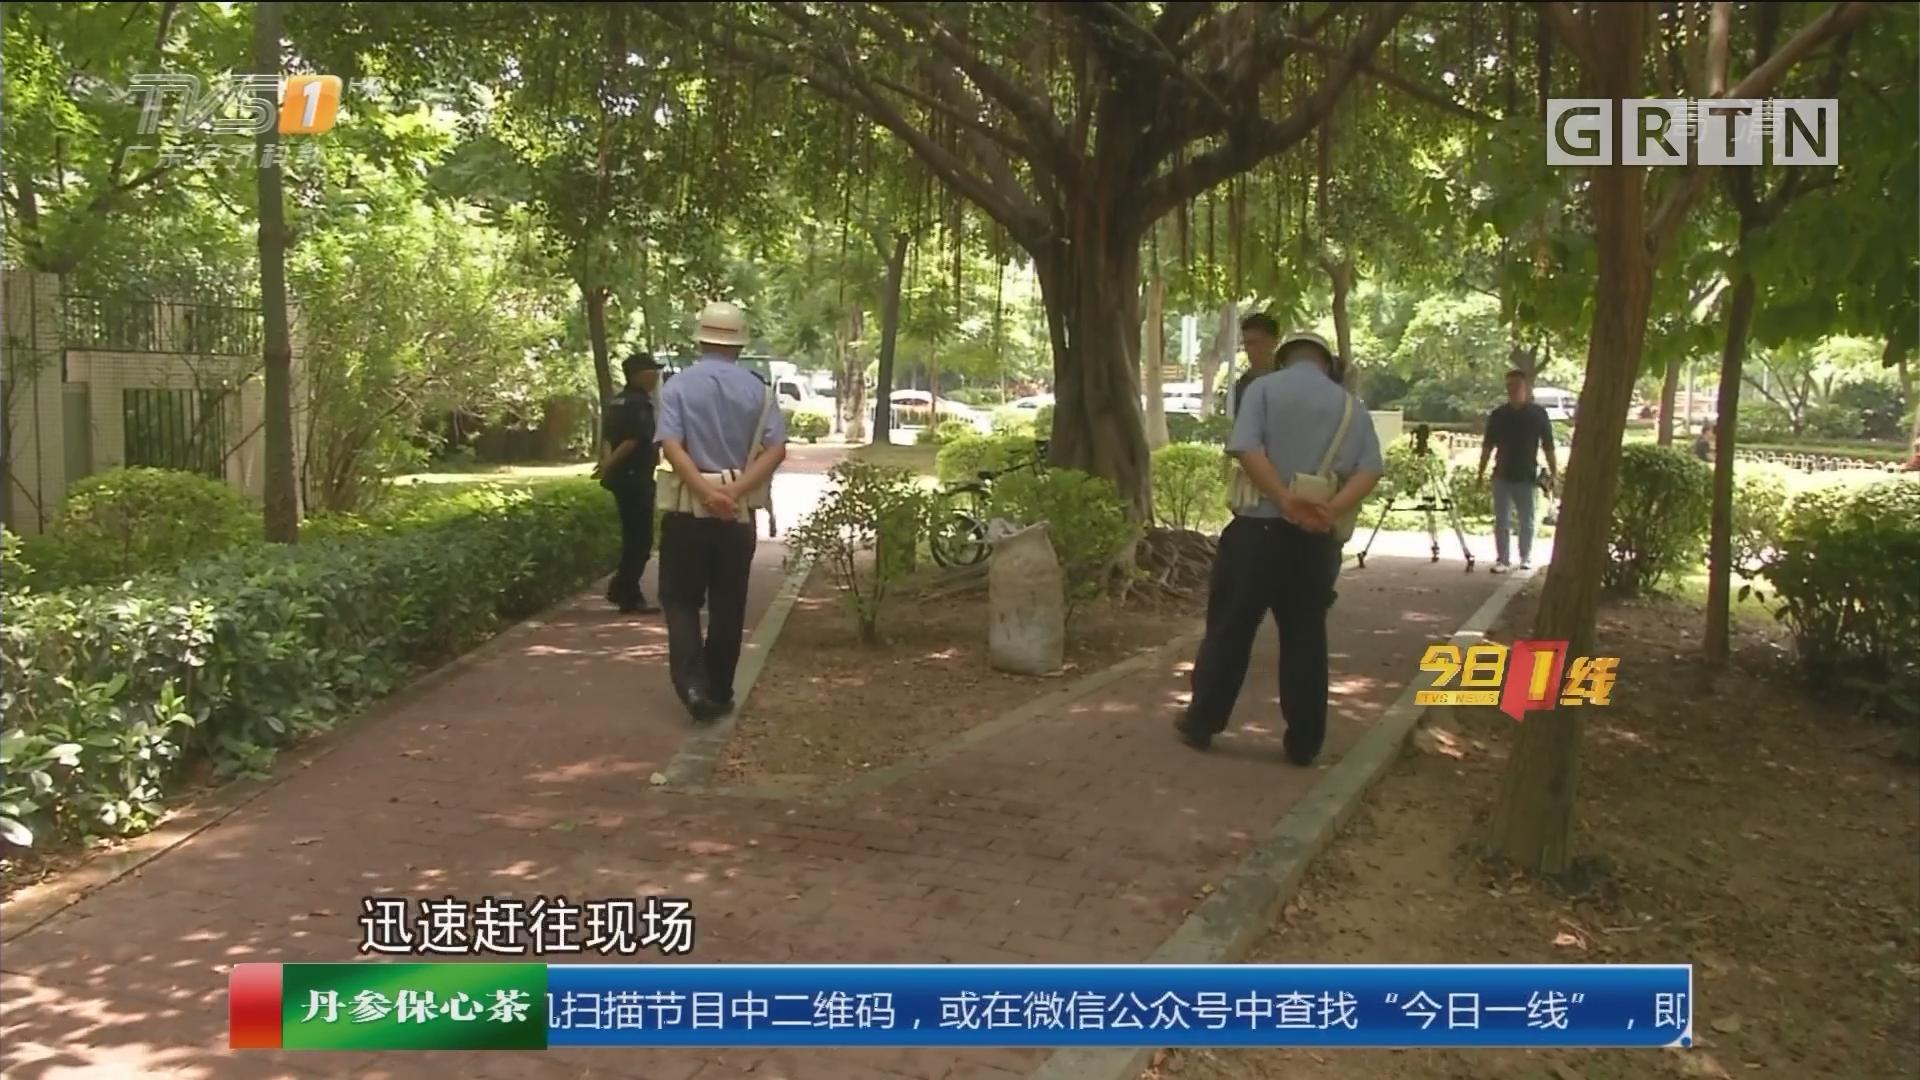 广州花城大道:男子持刀致一死一伤 警方迅速擒凶